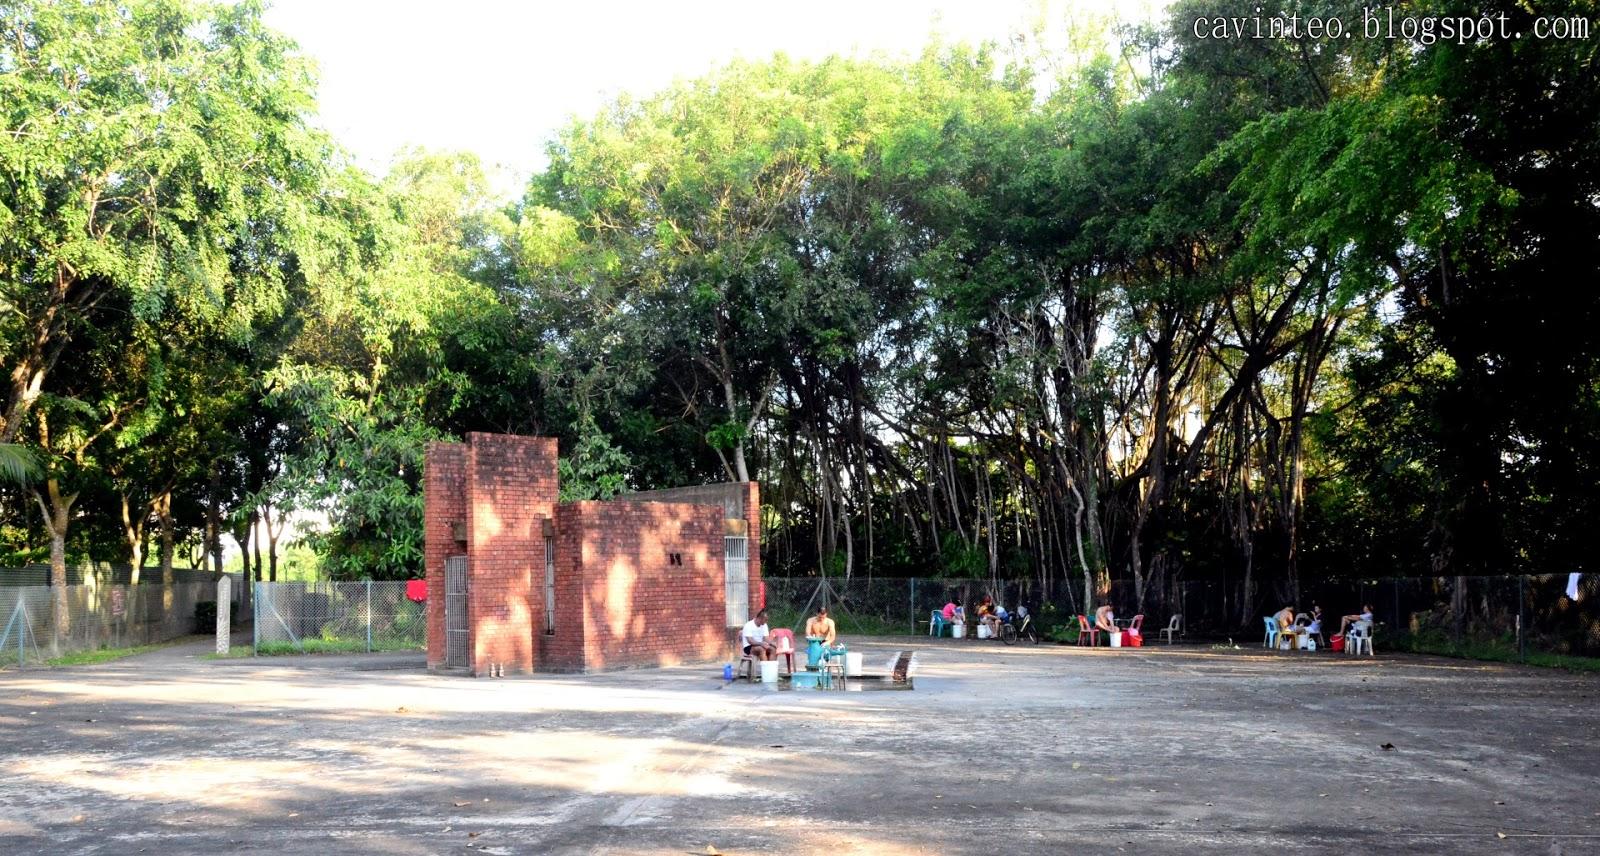 04 Sembawang Hot Spring (三巴旺溫泉) - Yishun Sembawang Heritage Trail @ Yishun [Singapore] (Large)